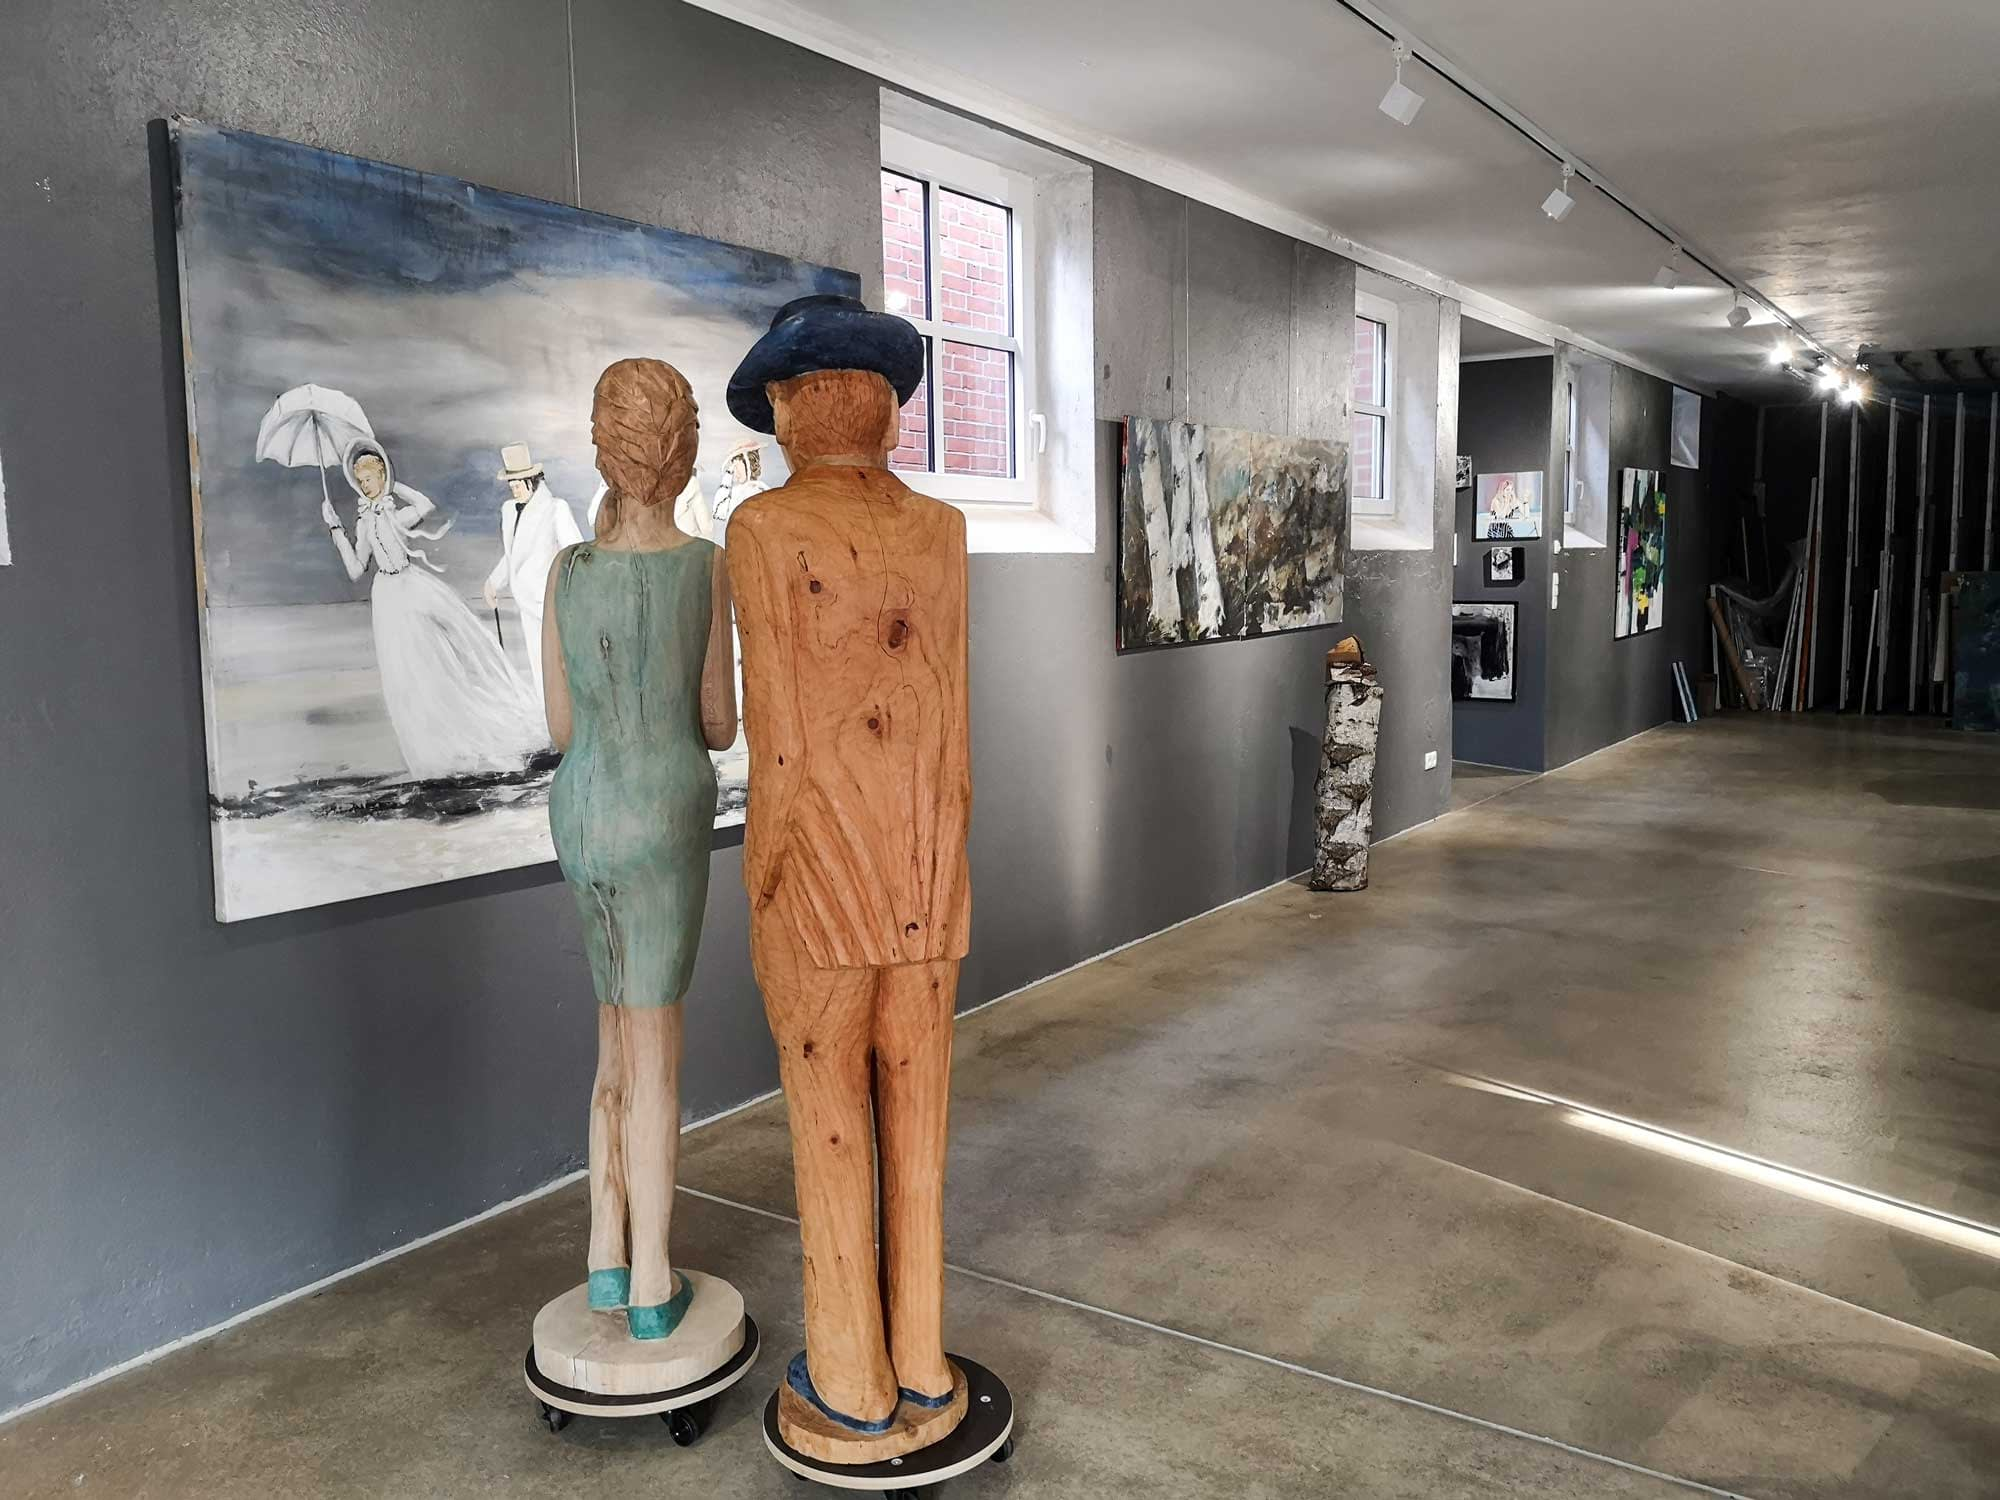 #ohnekunstistesgrau: Im Atelier Niehaus 1 bei Karin Bliefernich in Bassum geht es weiter